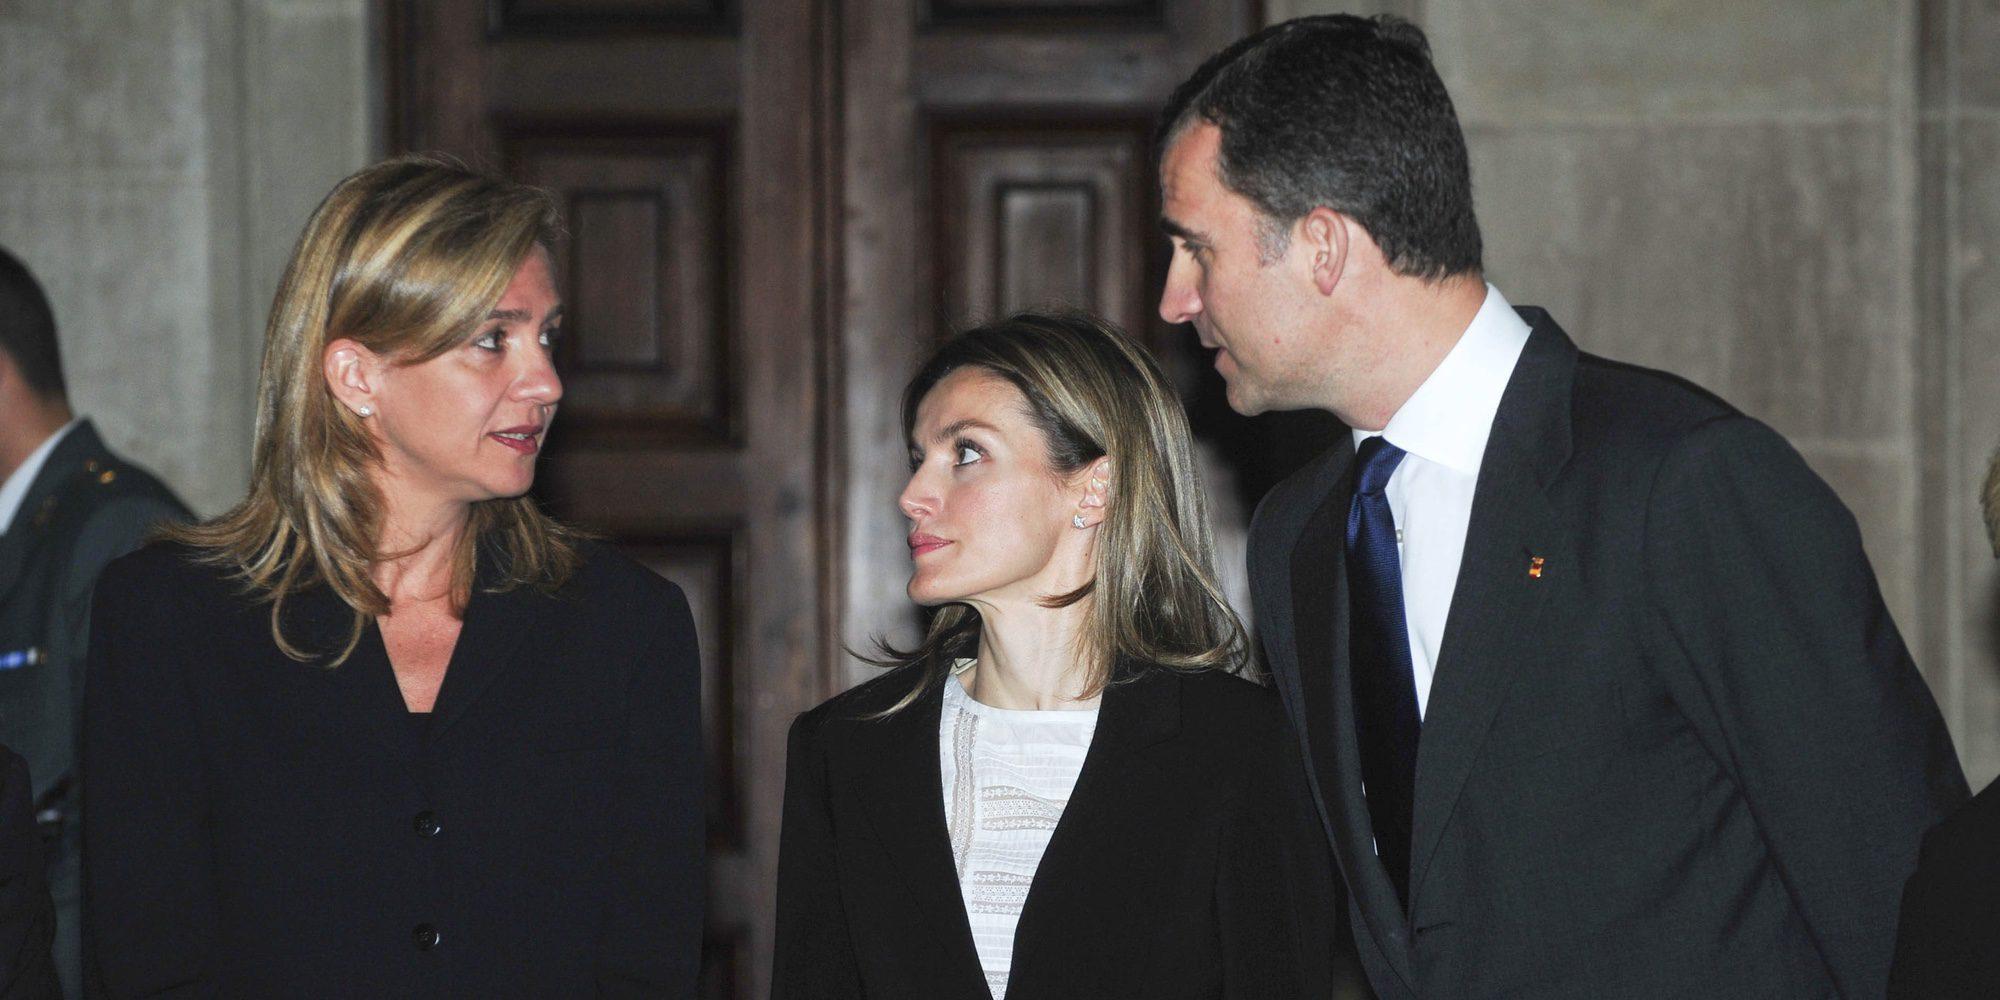 El tenso reencuentro entre la Infanta Cristina y los Reyes Felipe y Letizia que inquieta a la Casa Real